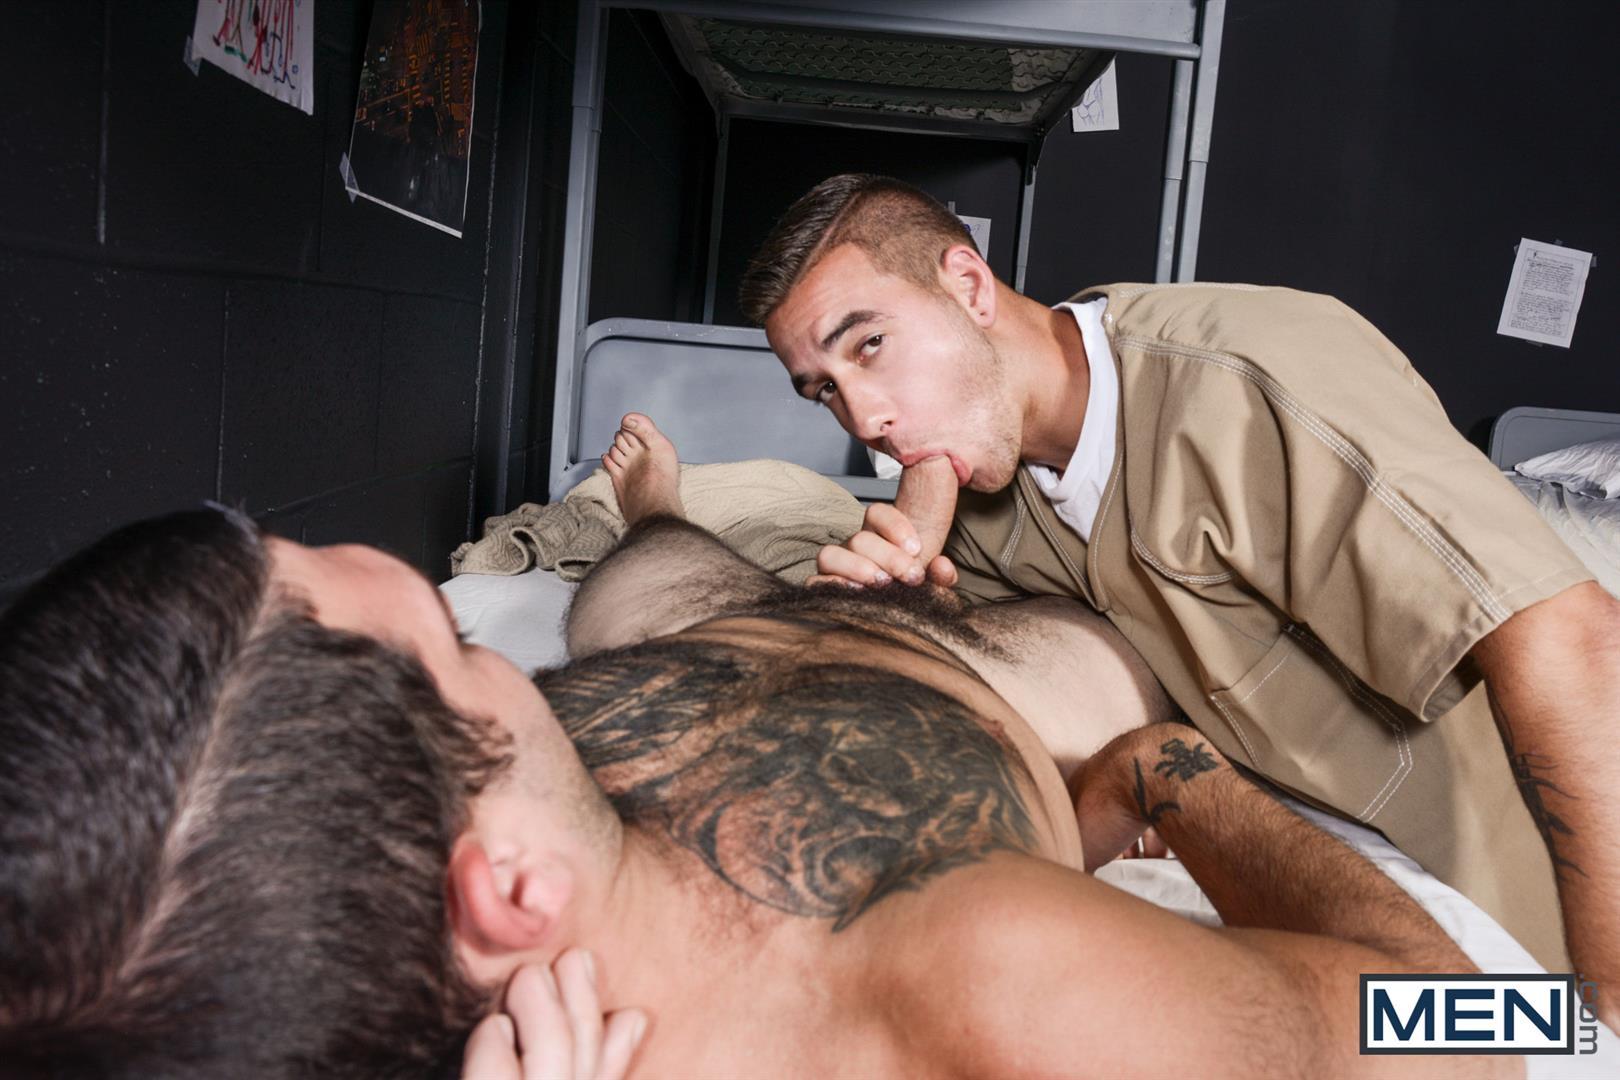 Men having sex gey will your way